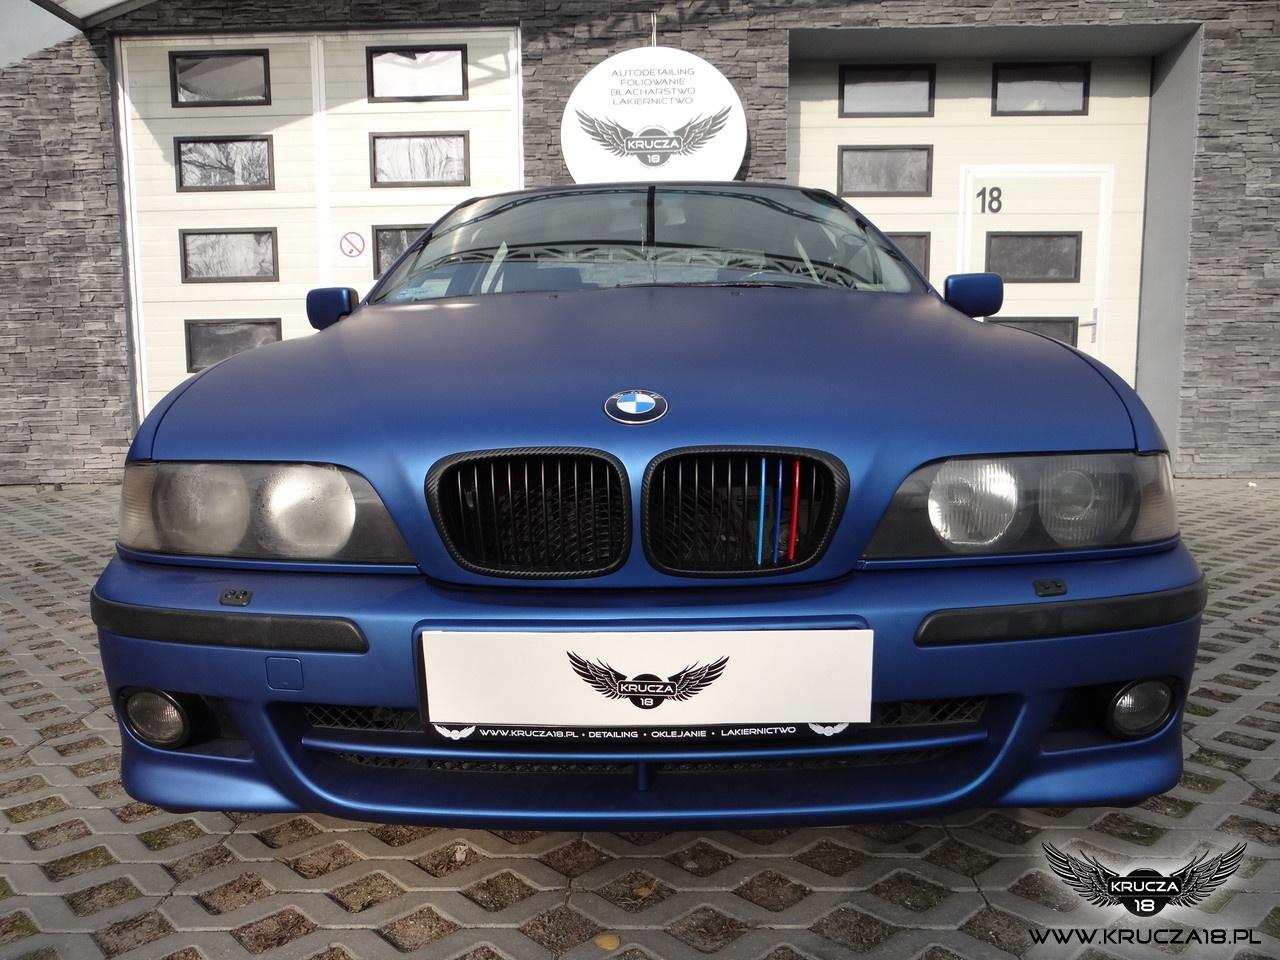 BMW 5 e39 : zmiana koloru auta folią : Deep Ocean: oklejanie : Krucza18 : Osielsko/k.Bydgoszczy